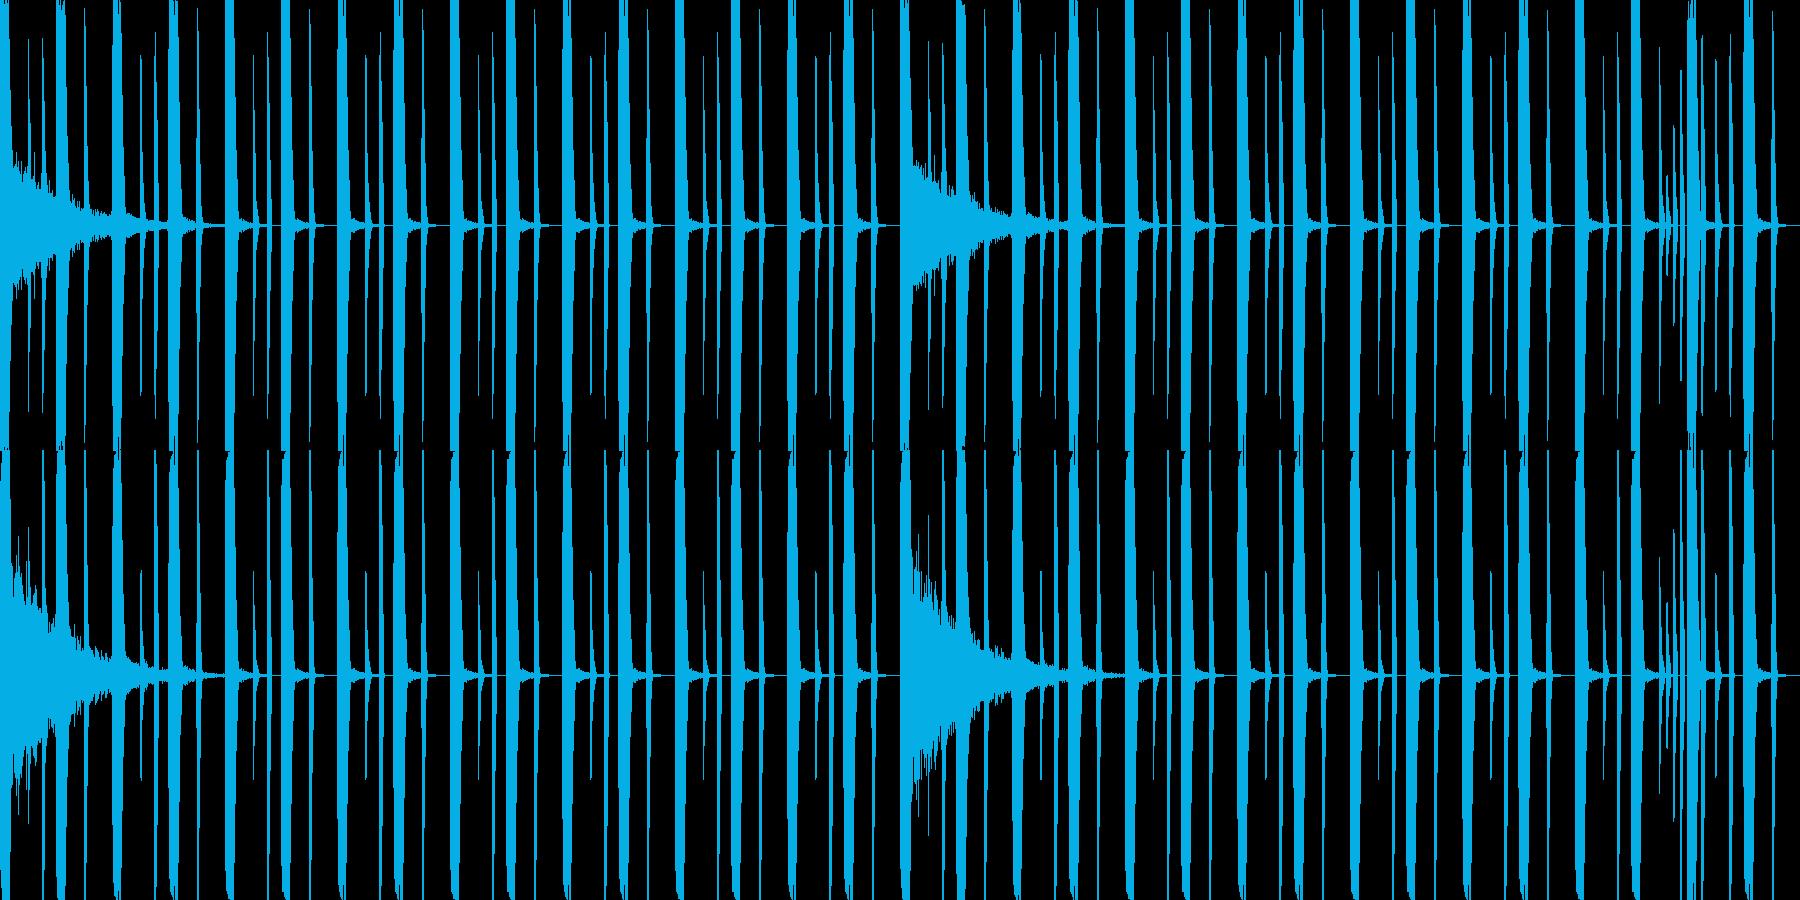 ドラムのみレゲトンビート8小節ループの再生済みの波形